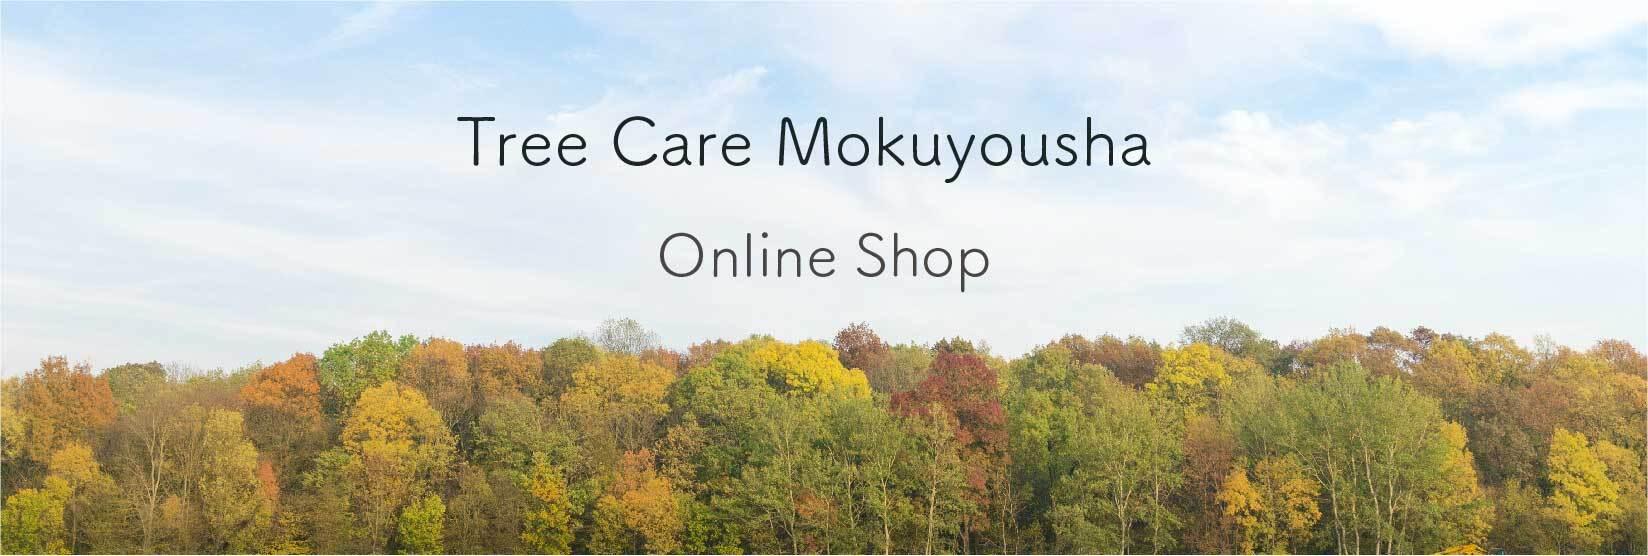 Tree Care Mokuyousha